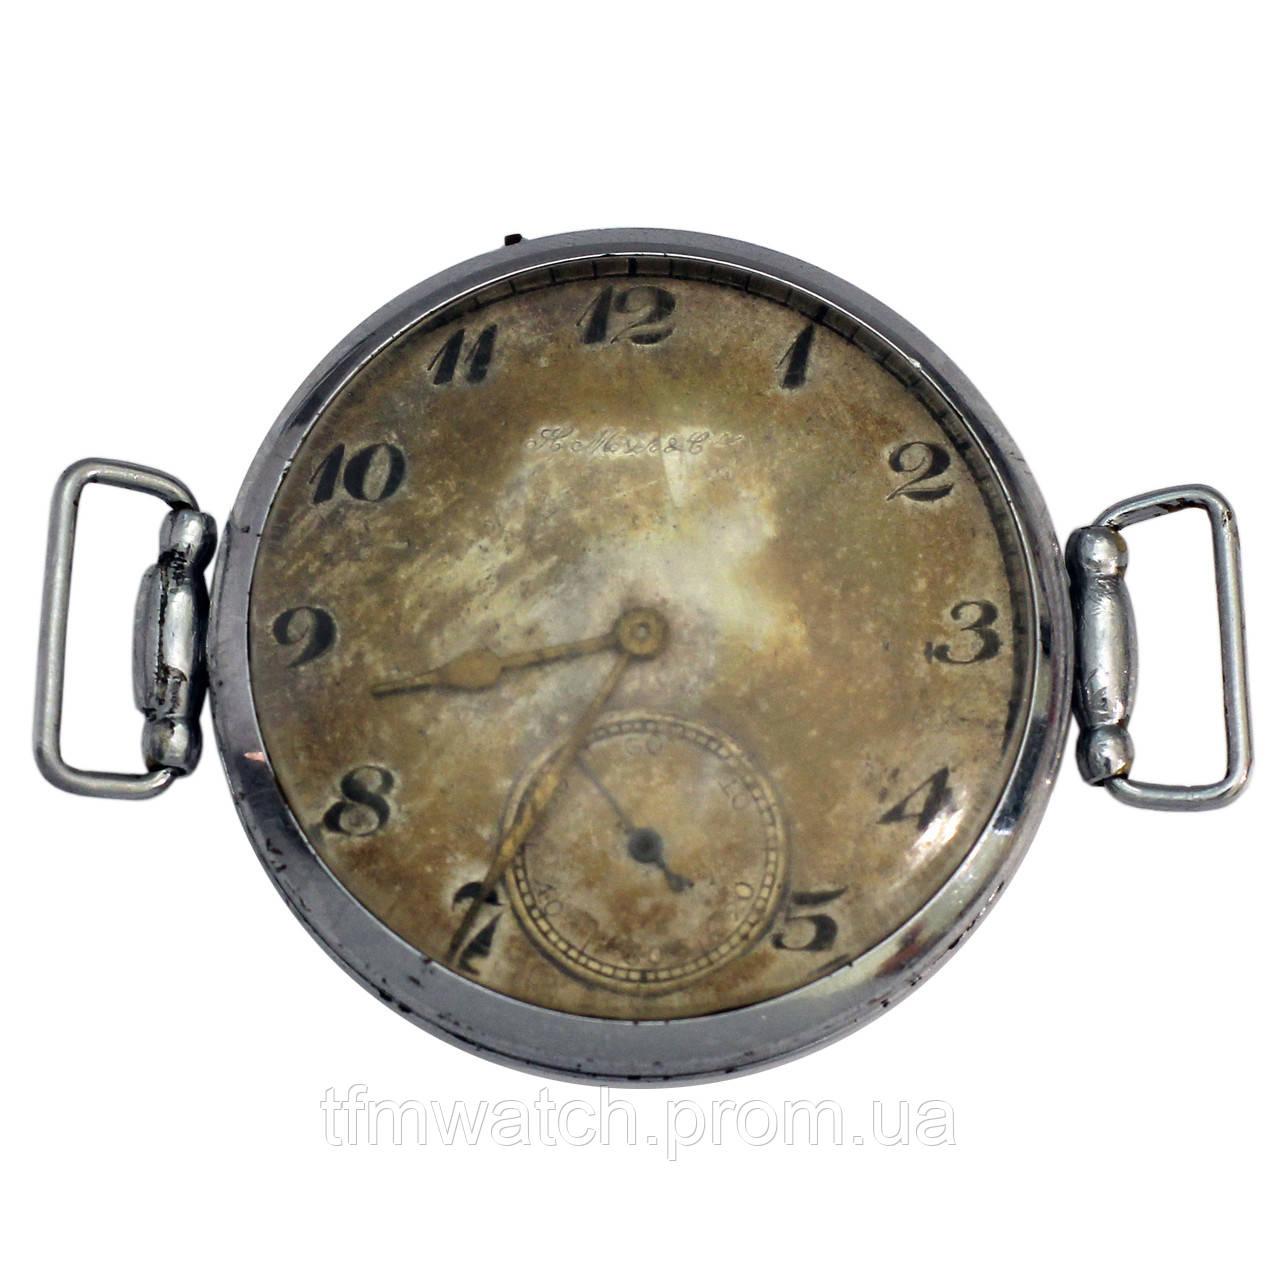 66dad746 Н. Moser & Cie старинные швейцарские часы - Магазин старинных, винтажных и антикварных  часов